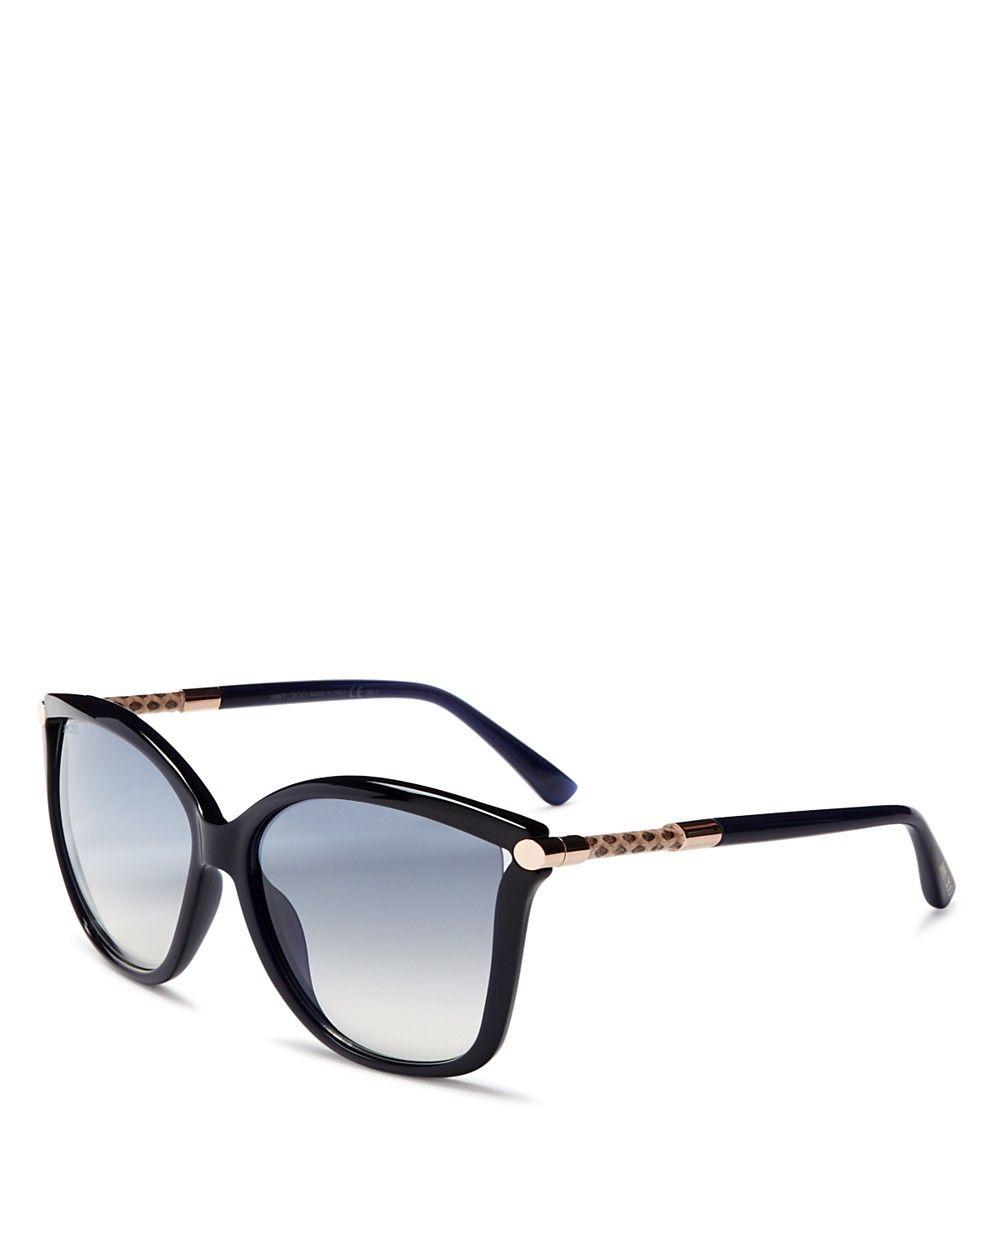 f0f238df9fc JIMMY CHOO Jimmy Choo Tatti Oversized Square Sunglasses